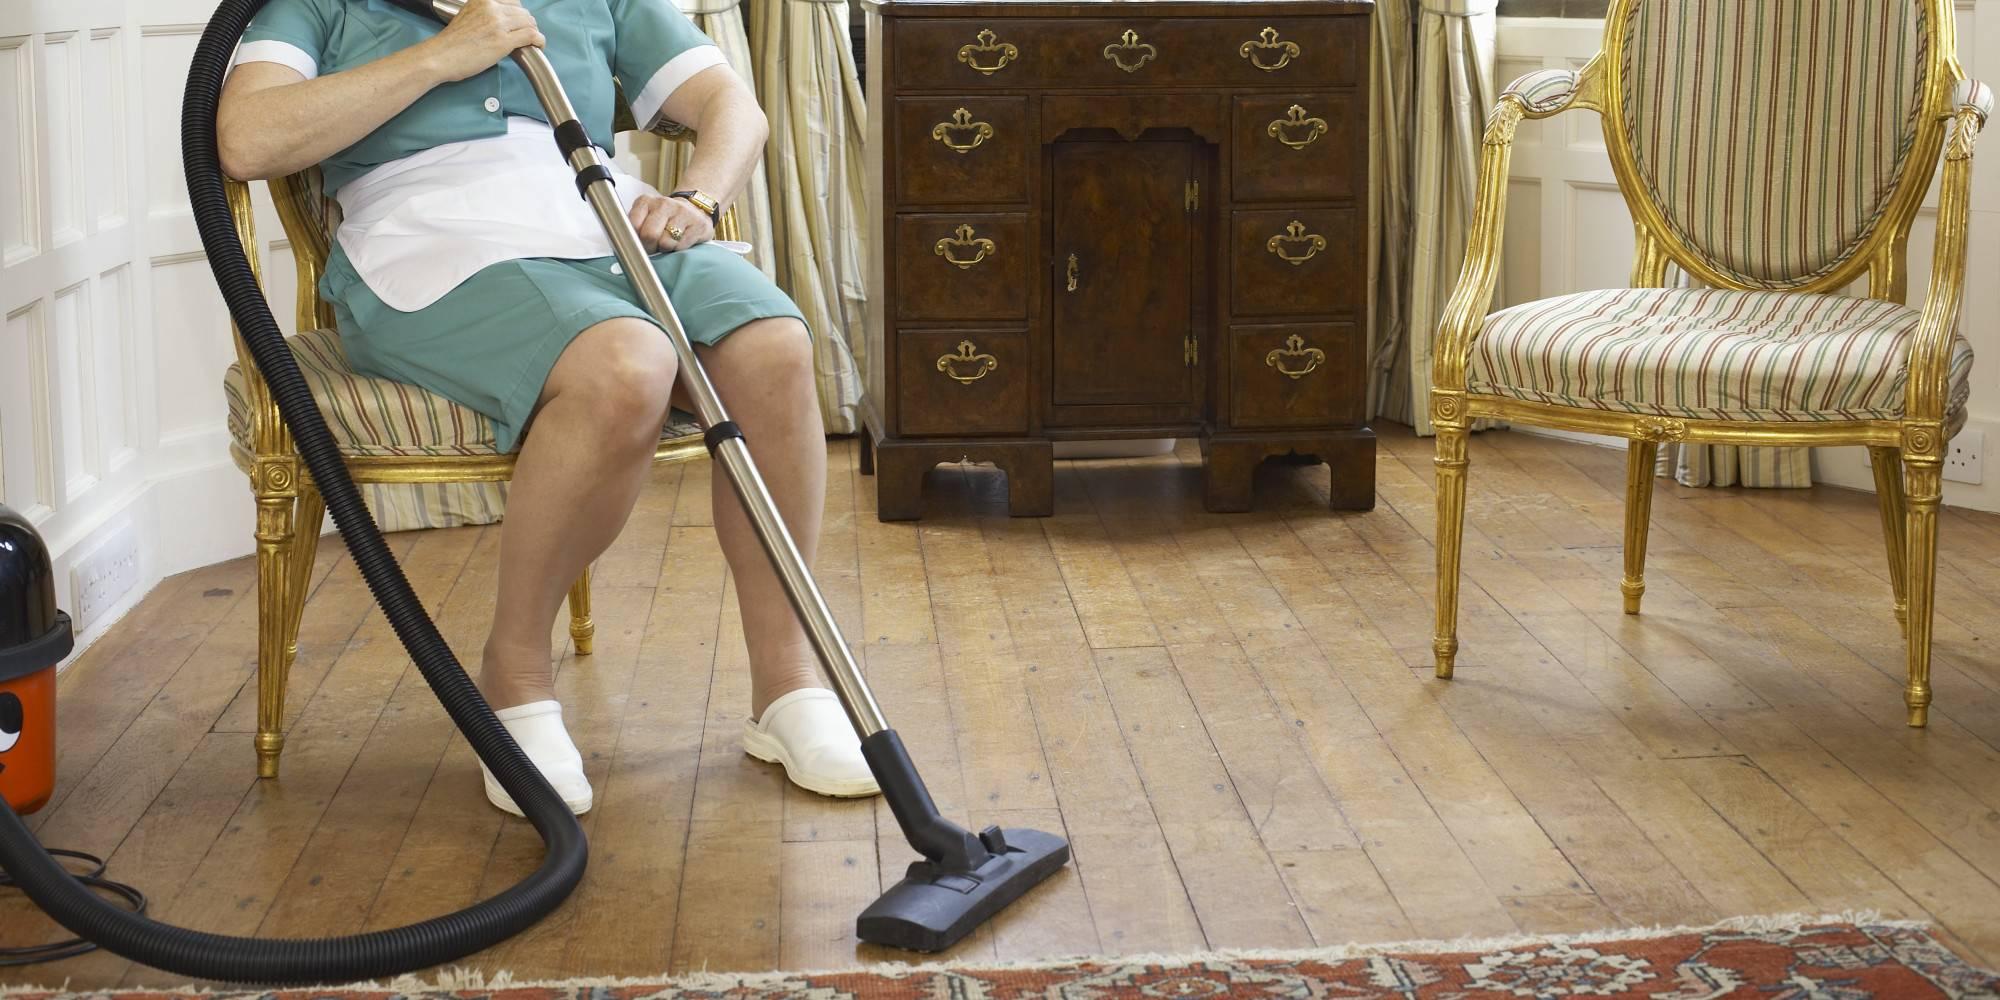 Работа домработницей, по уходу за пенсионерами или сиделкой - есть